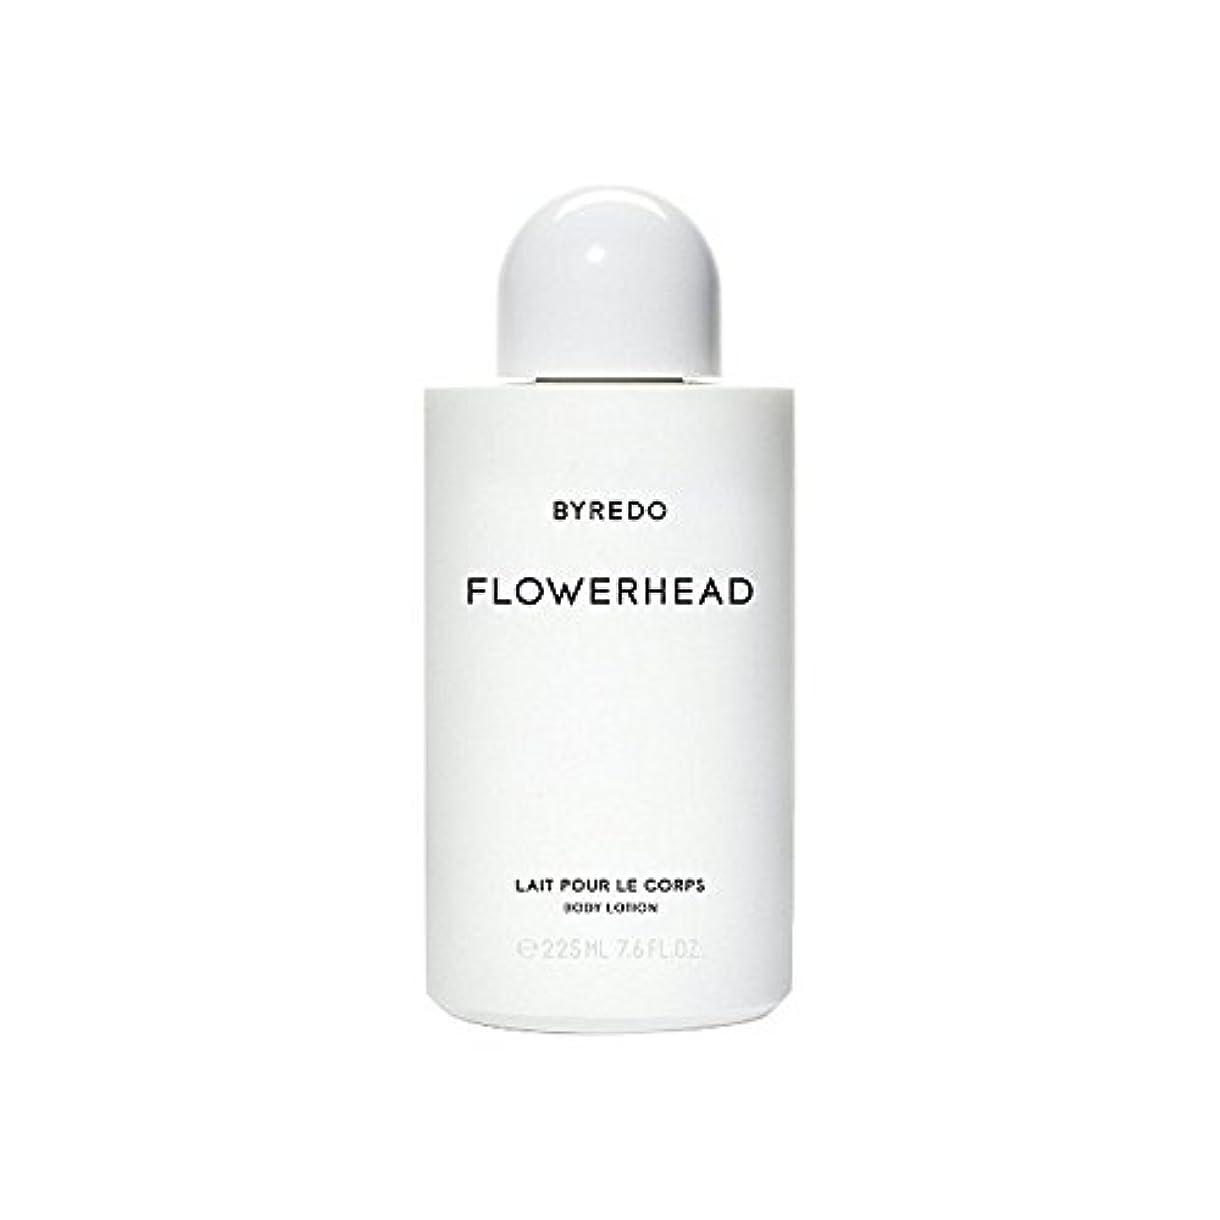 酸コンベンションアルコーブByredo Flowerhead Body Lotion 225ml - ボディローション225ミリリットル [並行輸入品]